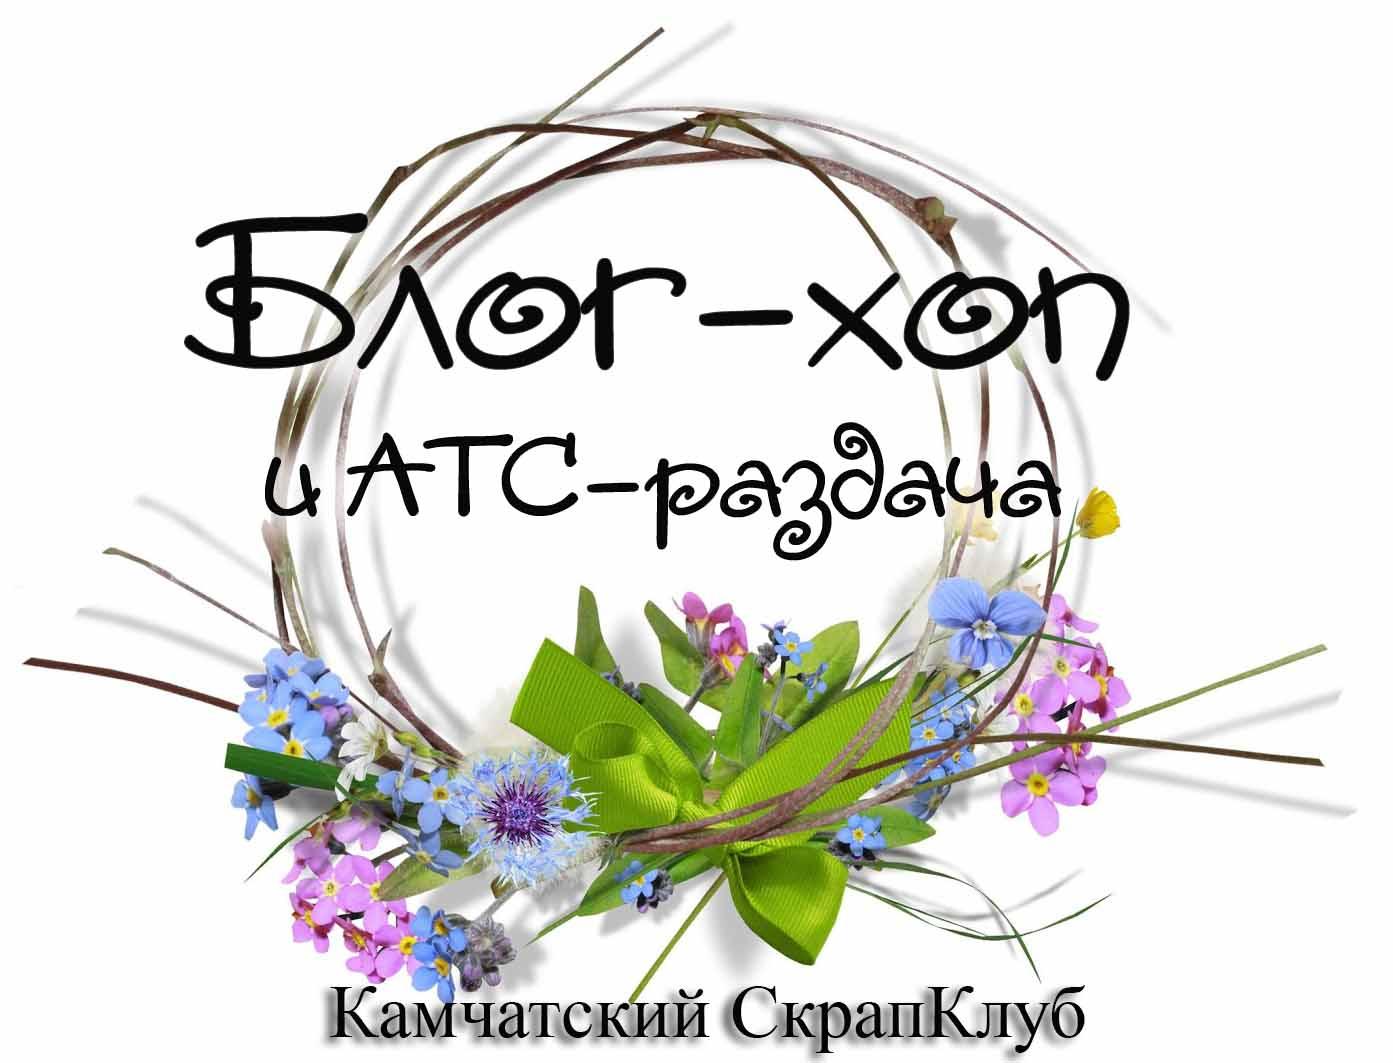 Блог-Хоп